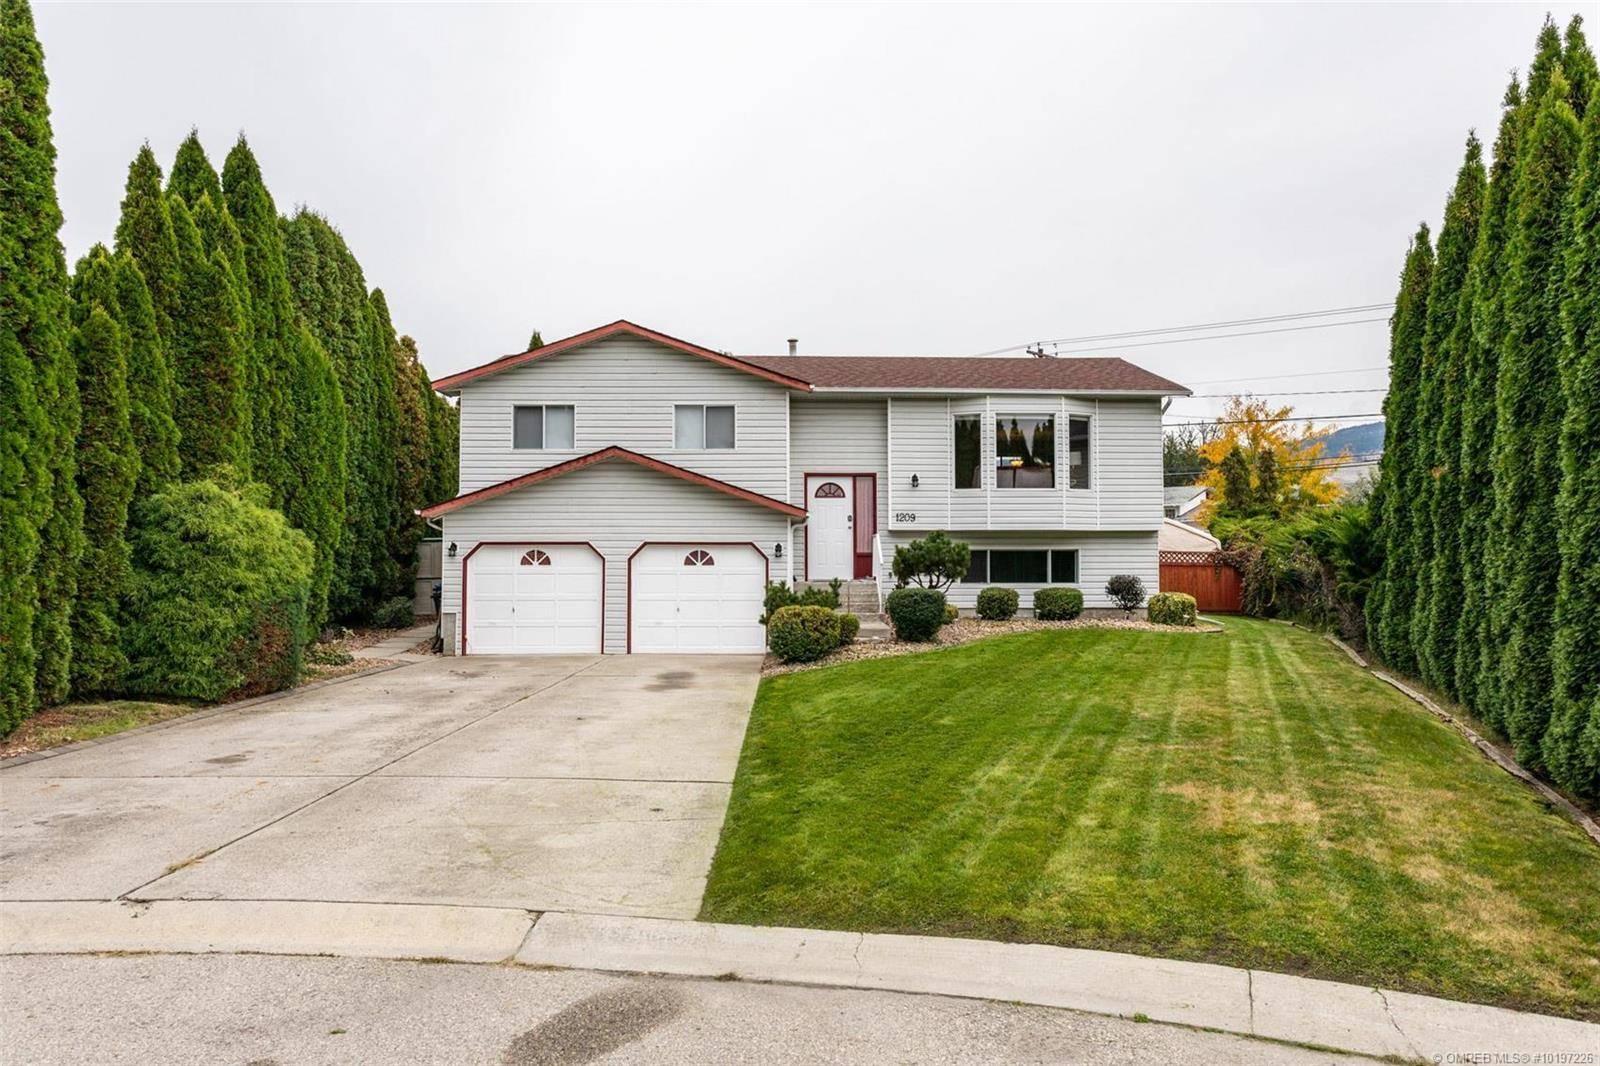 House for sale at 1209 Sanborn Ct Kelowna British Columbia - MLS: 10197226